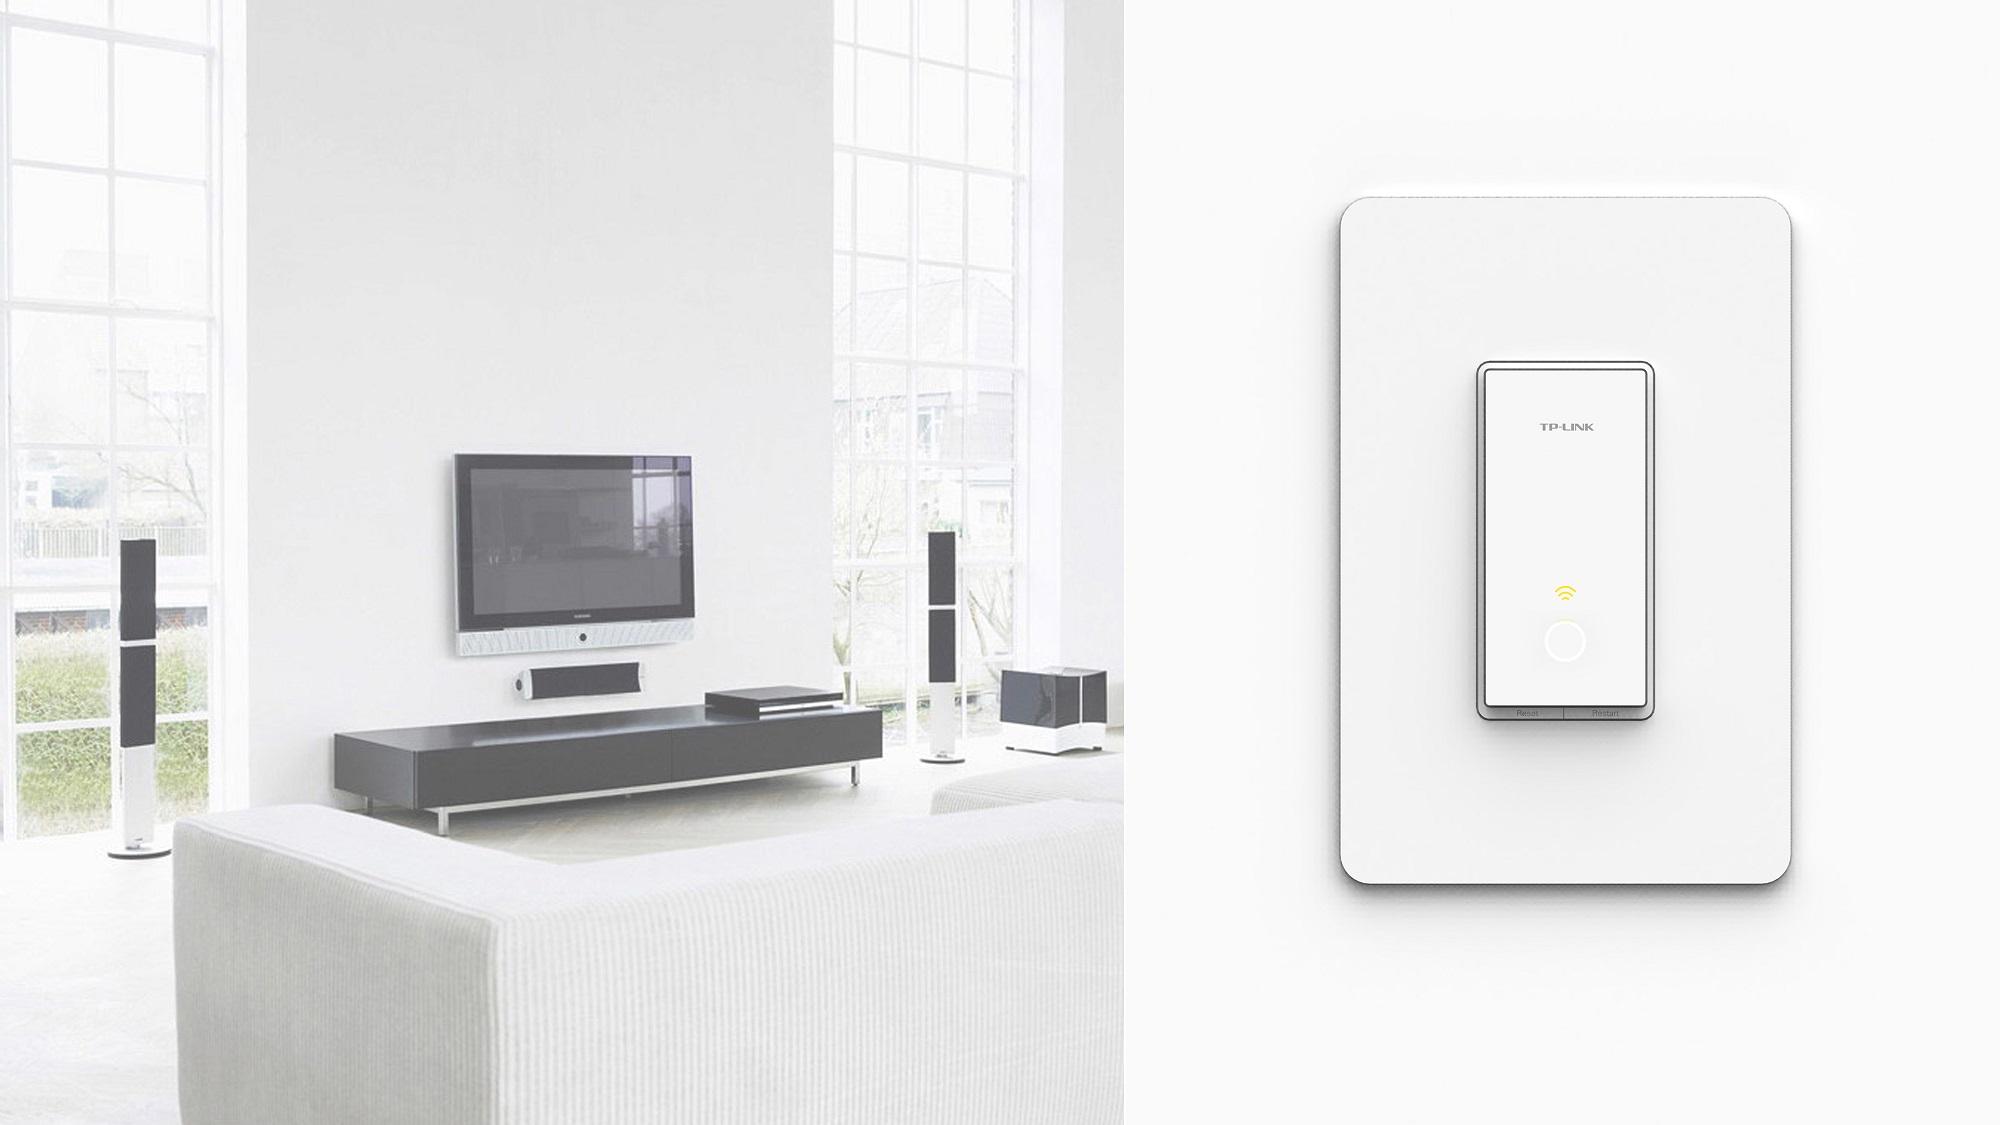 TP-LINK HS100, HS110 şi HS200 – Dispozitive bazate pe tehnologia cloud care permit controlul locuinţelor automatizate